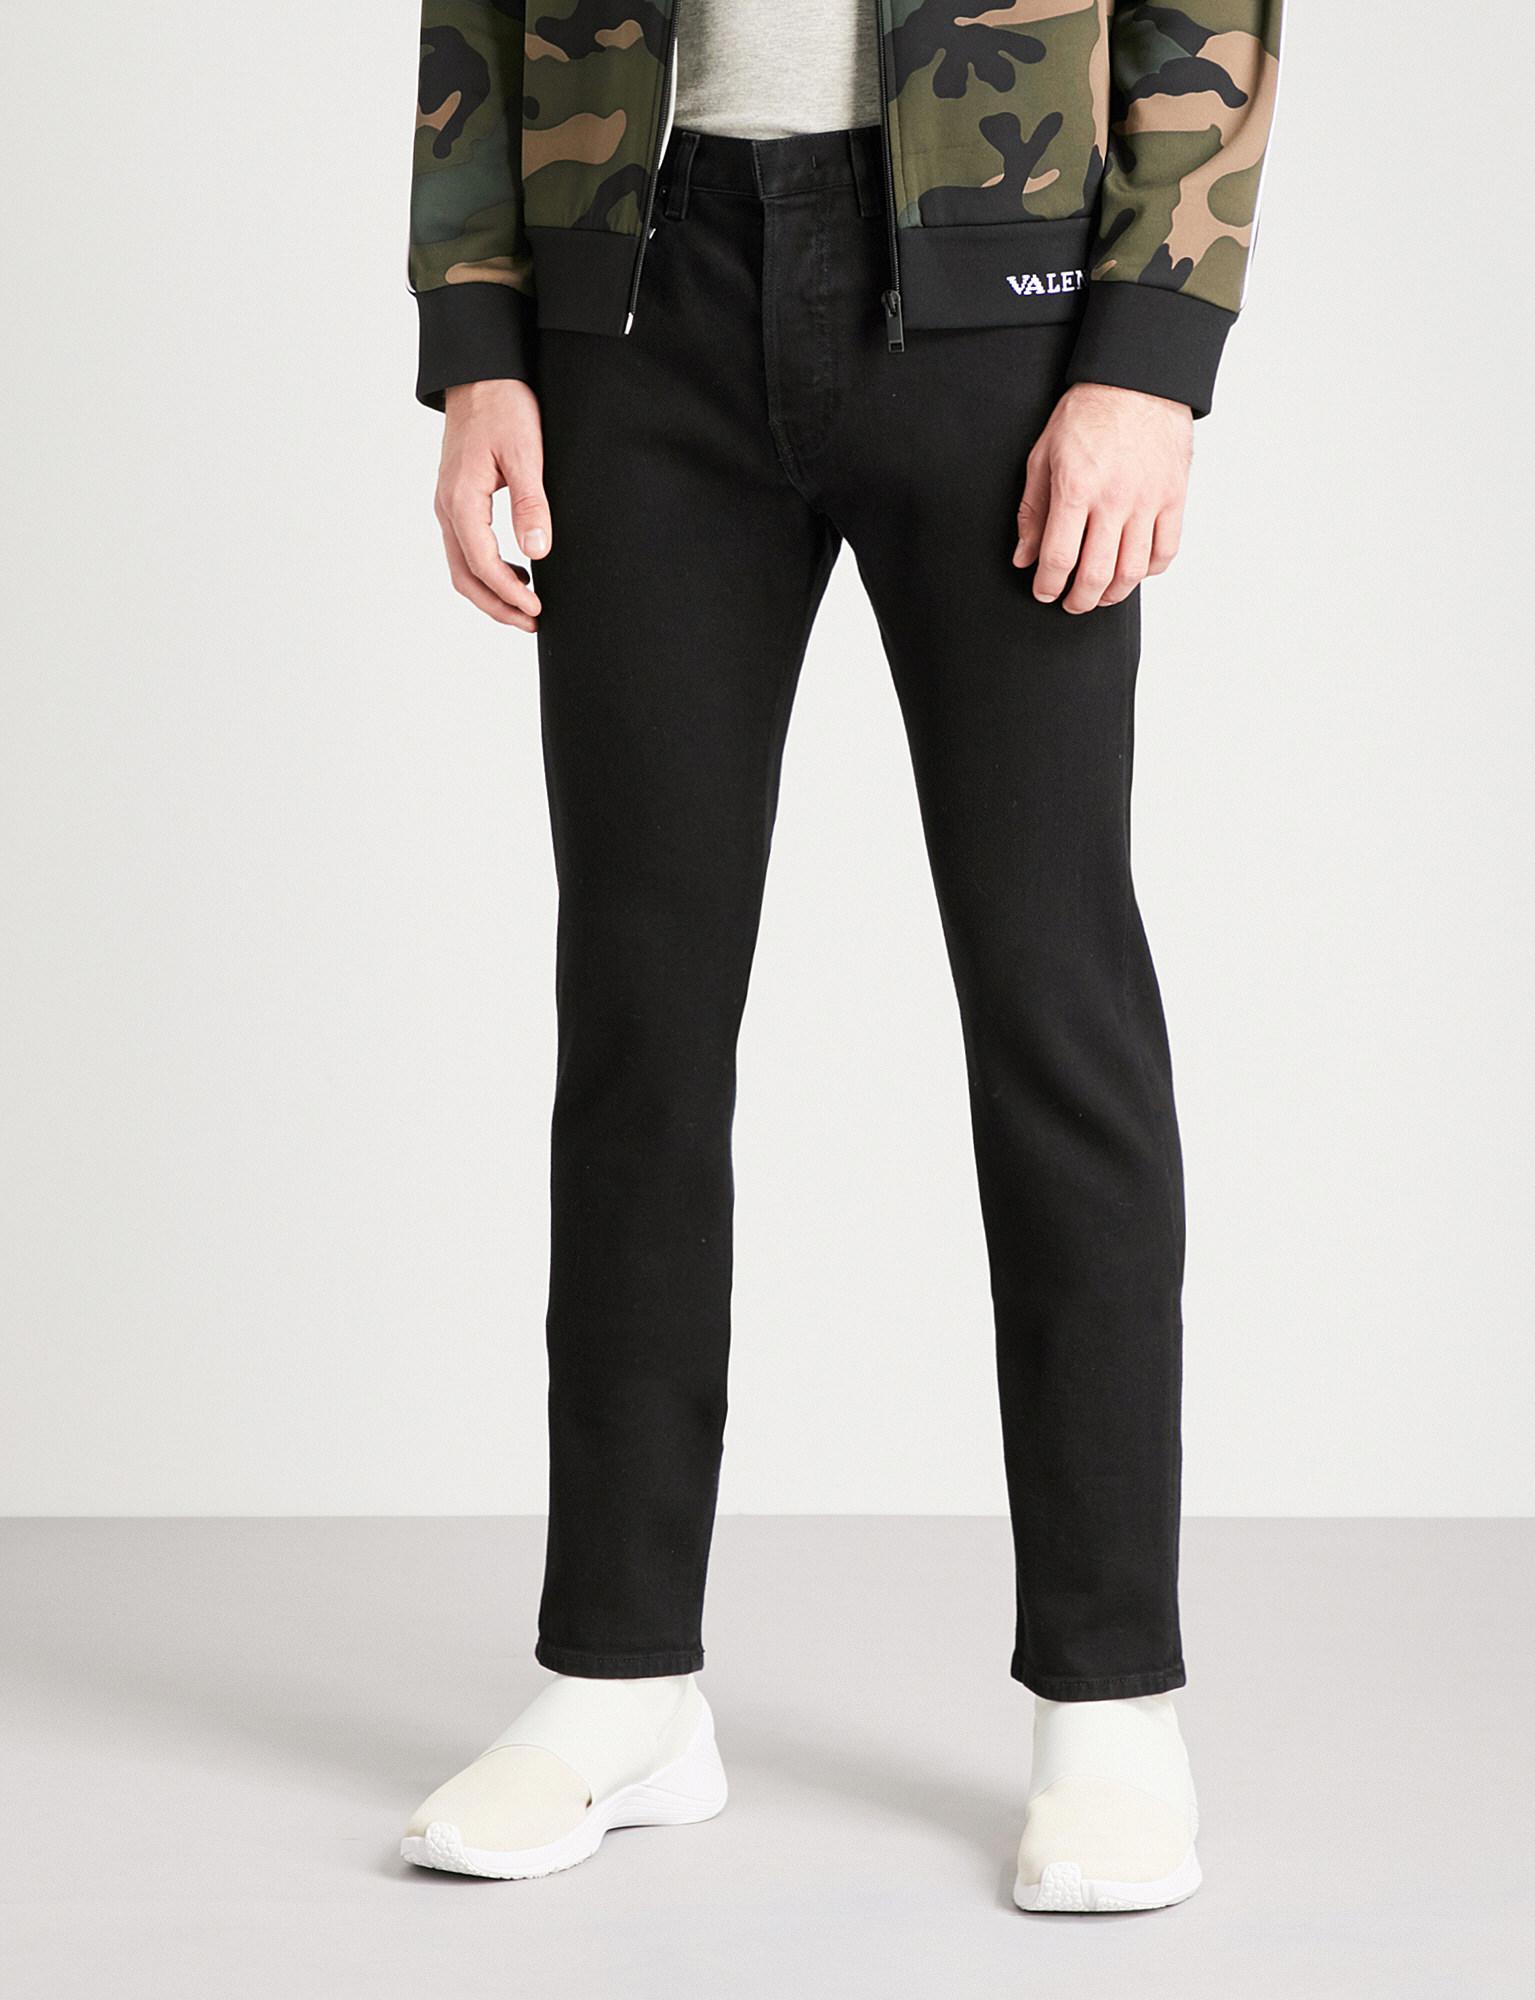 Jeans Rockstud-slim Fit - Valentino Noir xWuAu5F